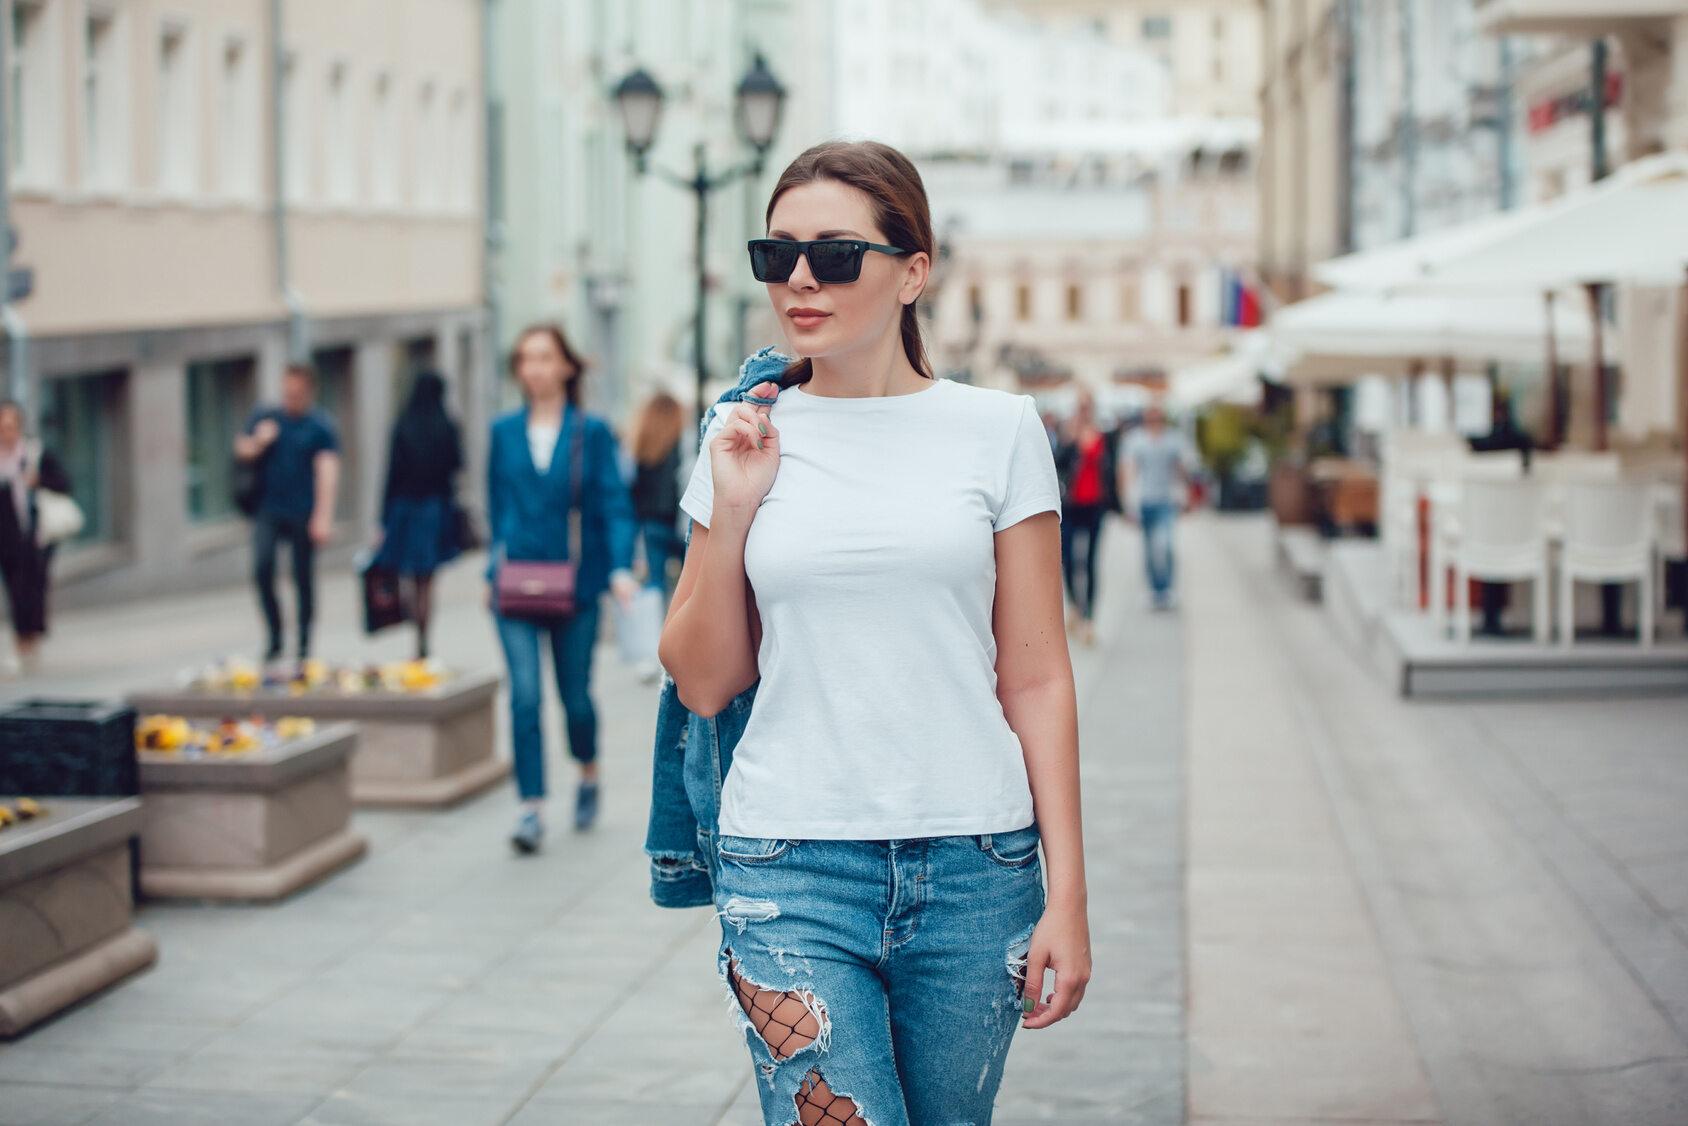 Kobieta idąca po ulicy. Zdjęcie ilustracjne